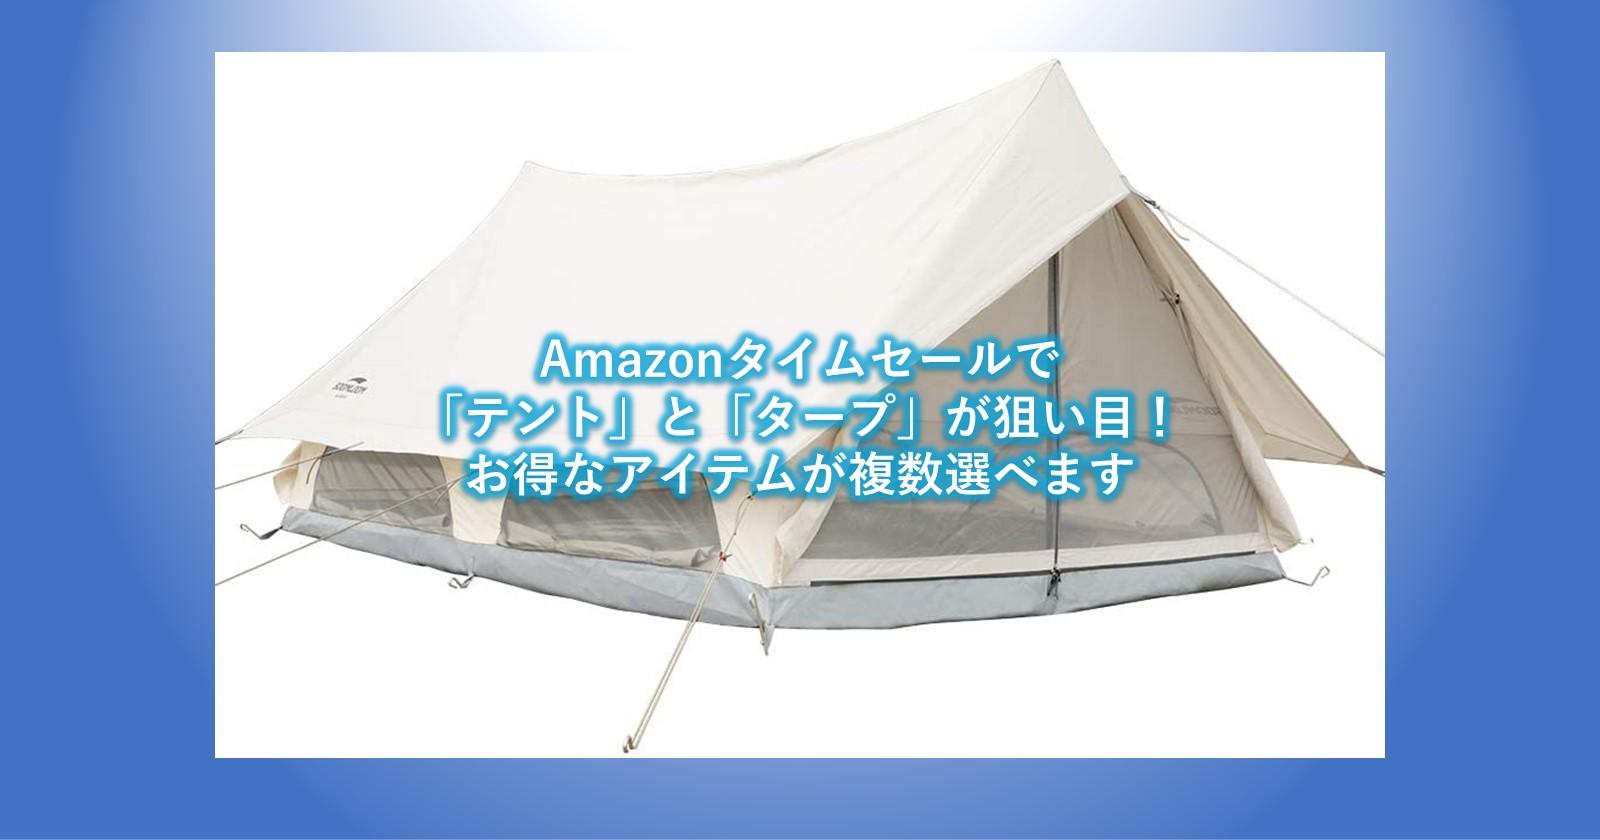 Amazonタイムセールで「テント」と「タープ」が狙い目!お得なアイテムが複数選べます